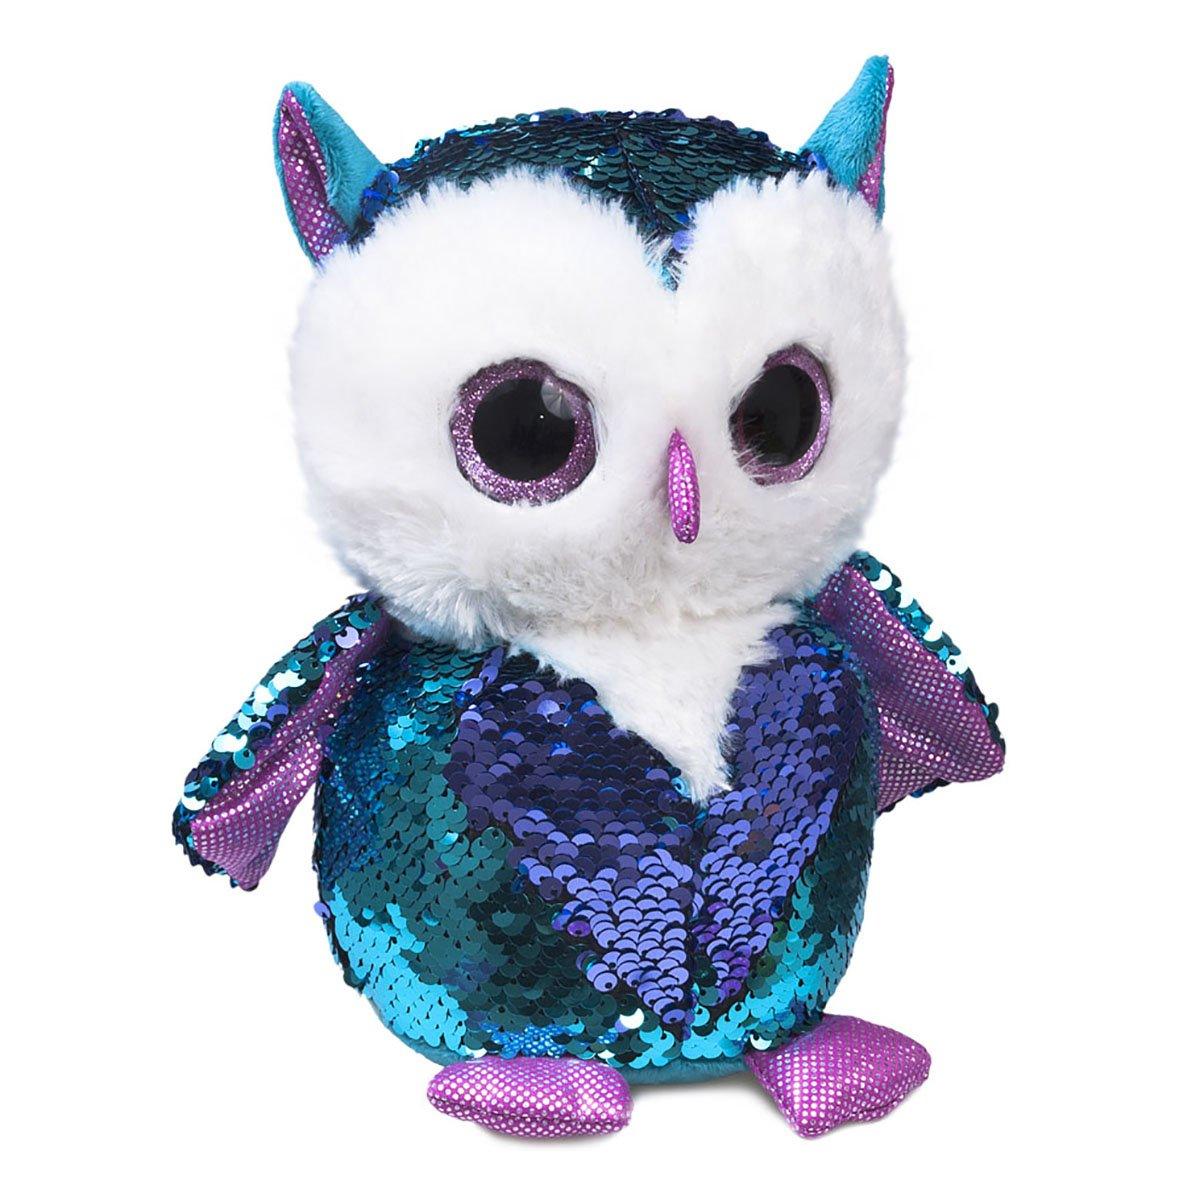 Мягкая игрушка Fancy Совенок Топаз 15 см мягкая игрушка fancy ленивец 27 см